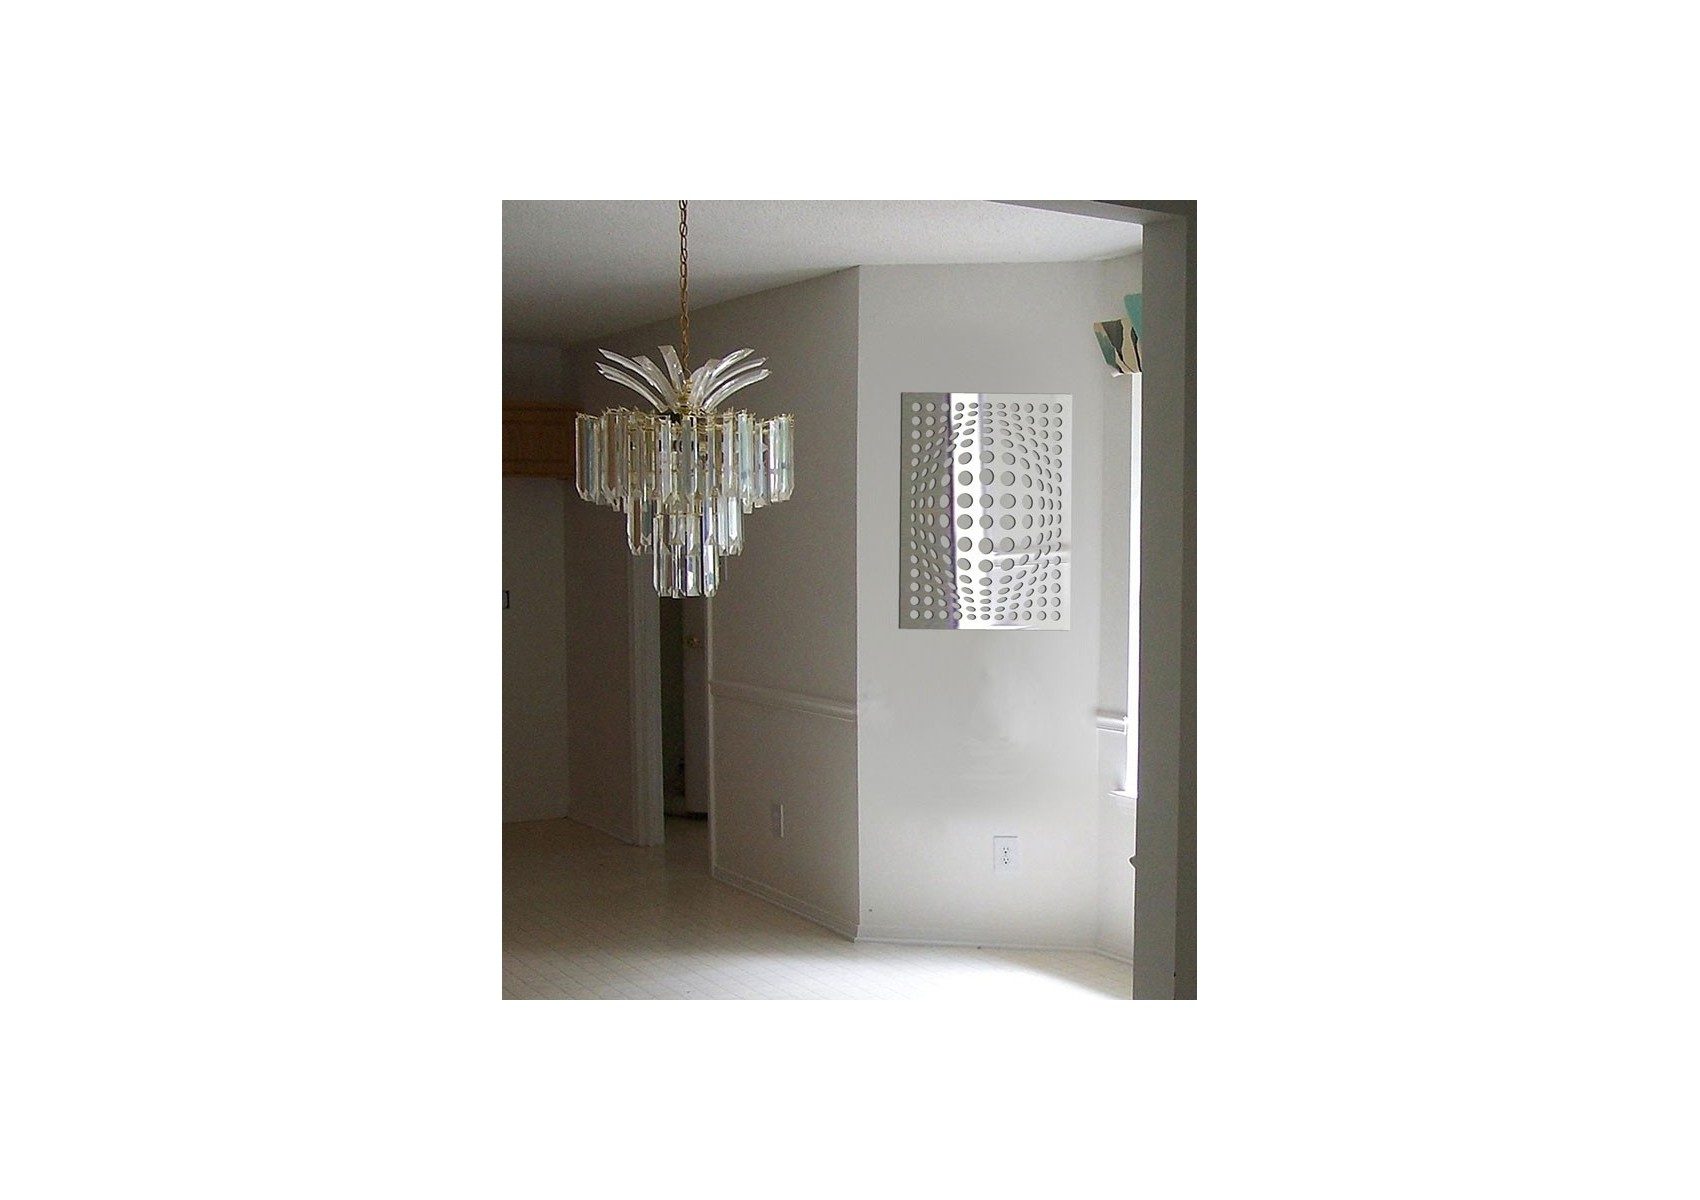 Miroir design illusion de bulles boite design for Design miroir